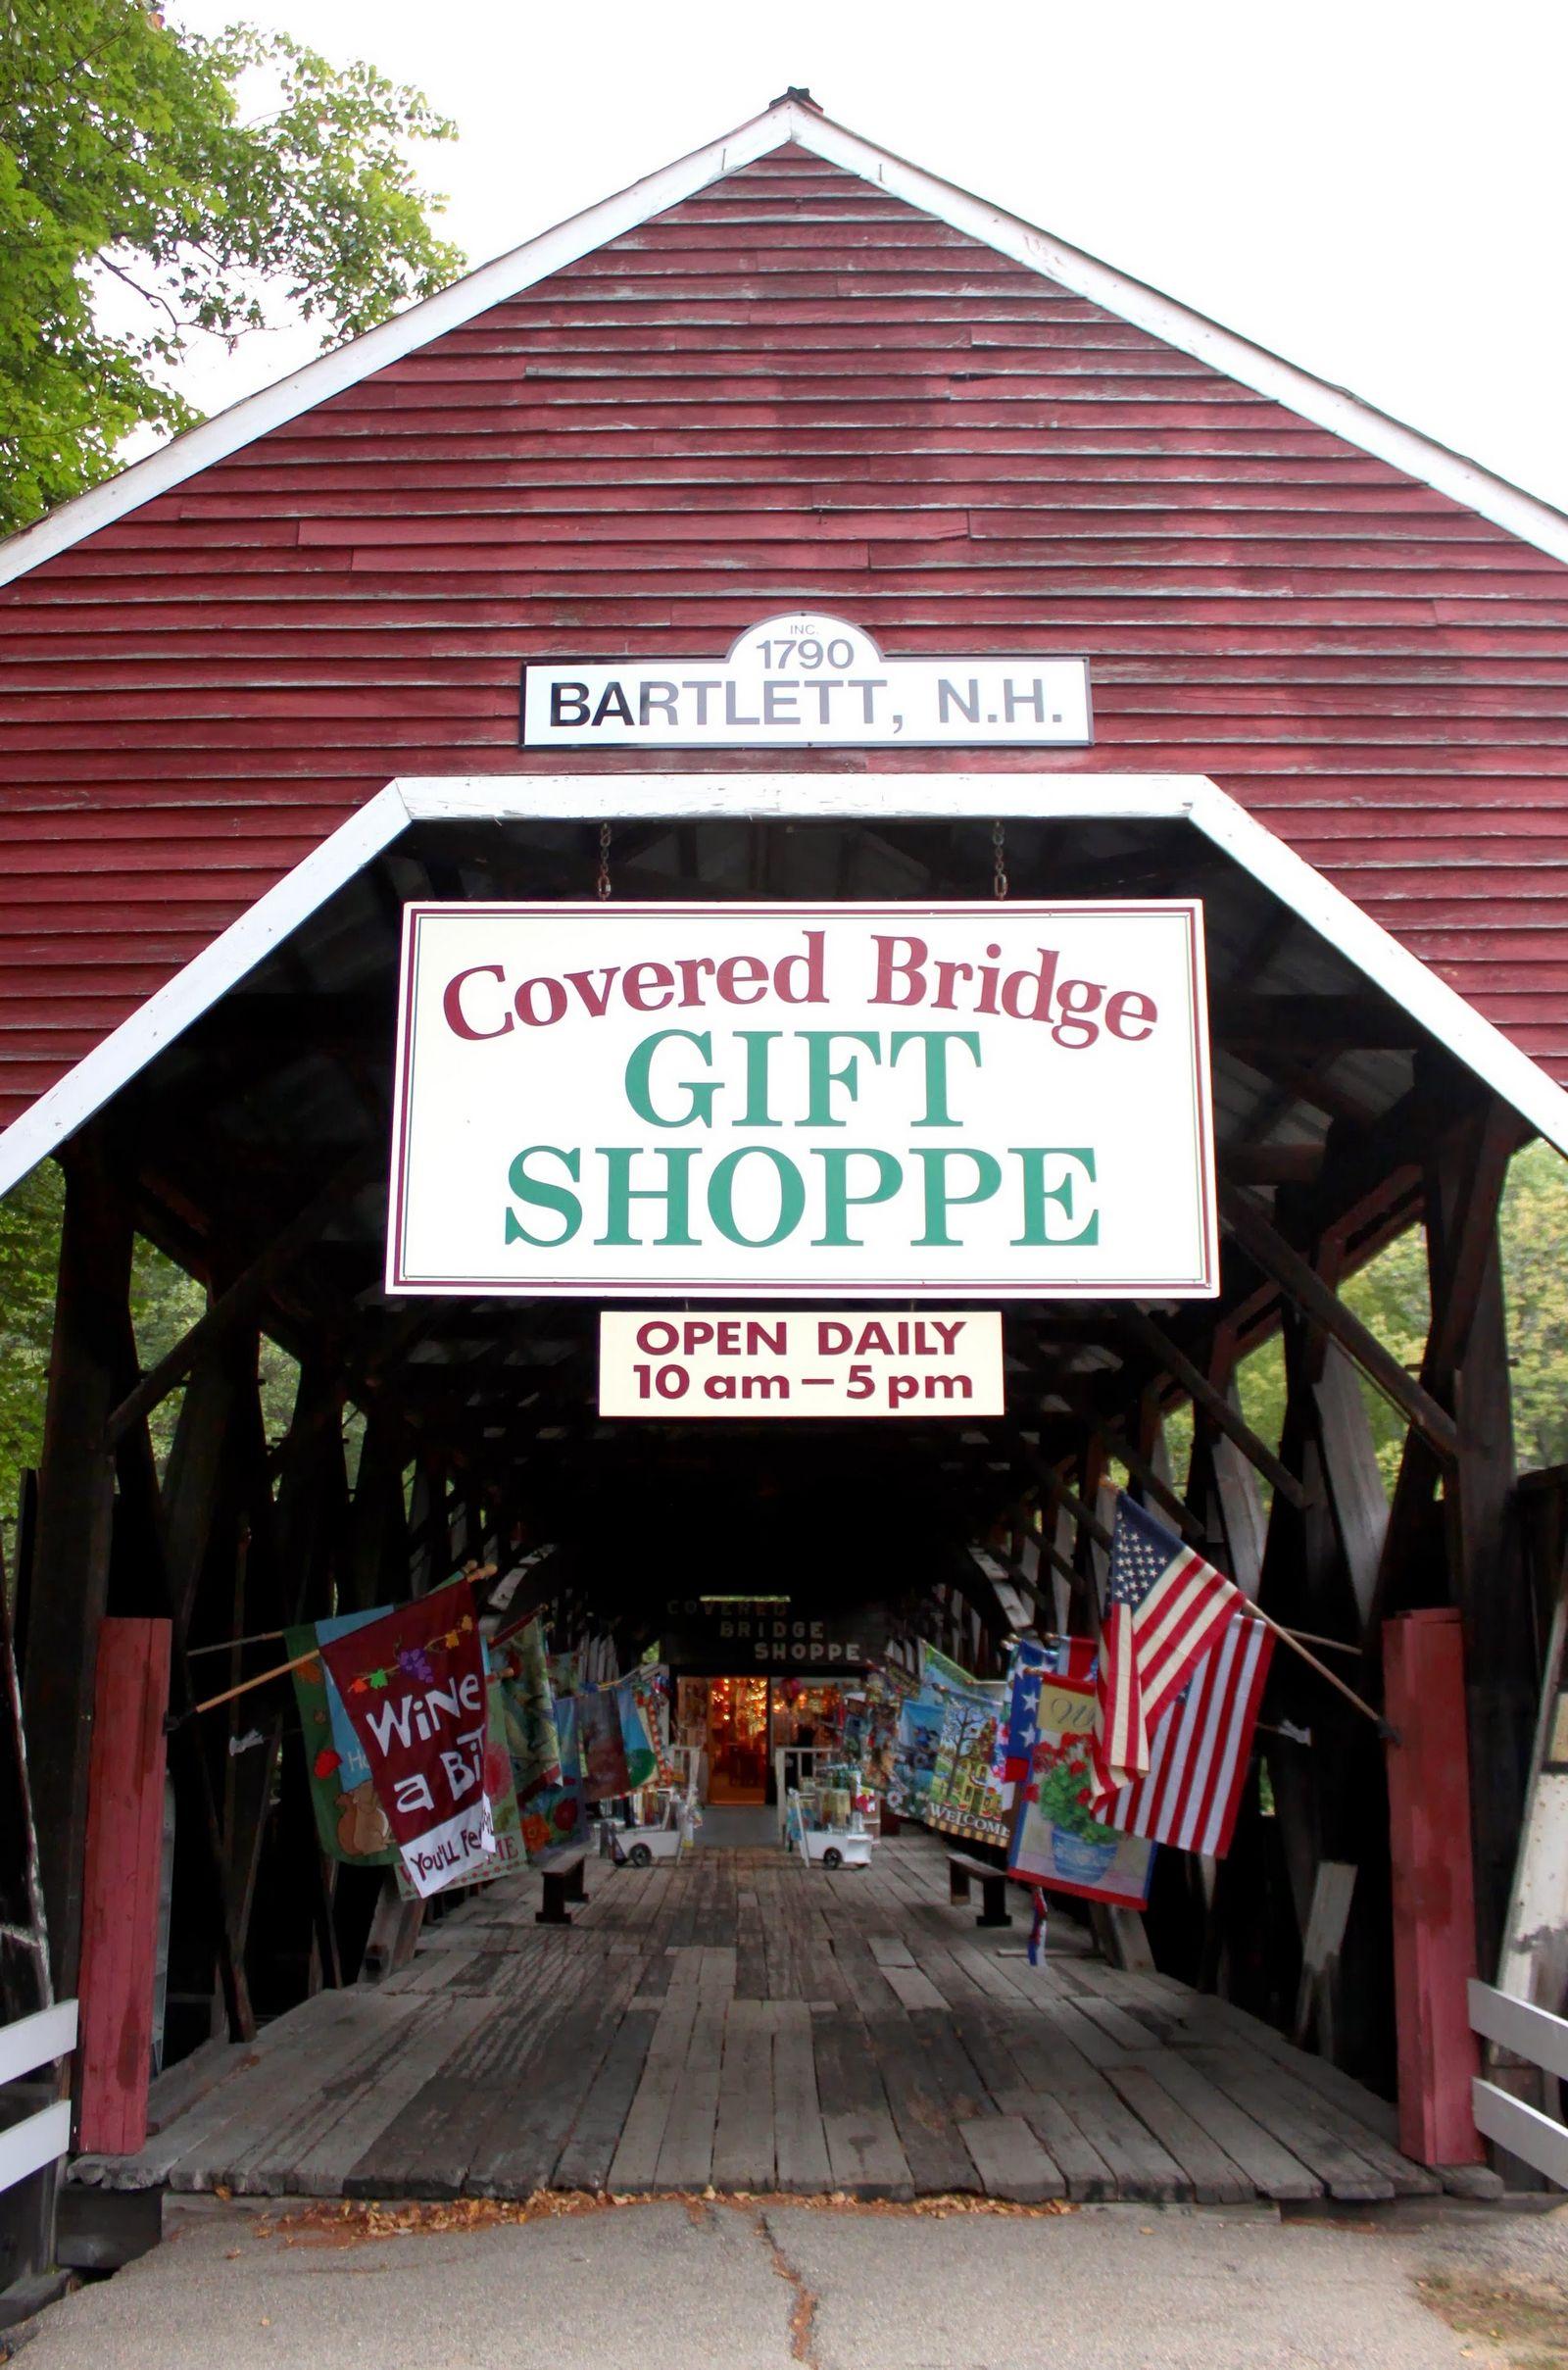 Un puente cubierto reconvertido en tienda de regalos